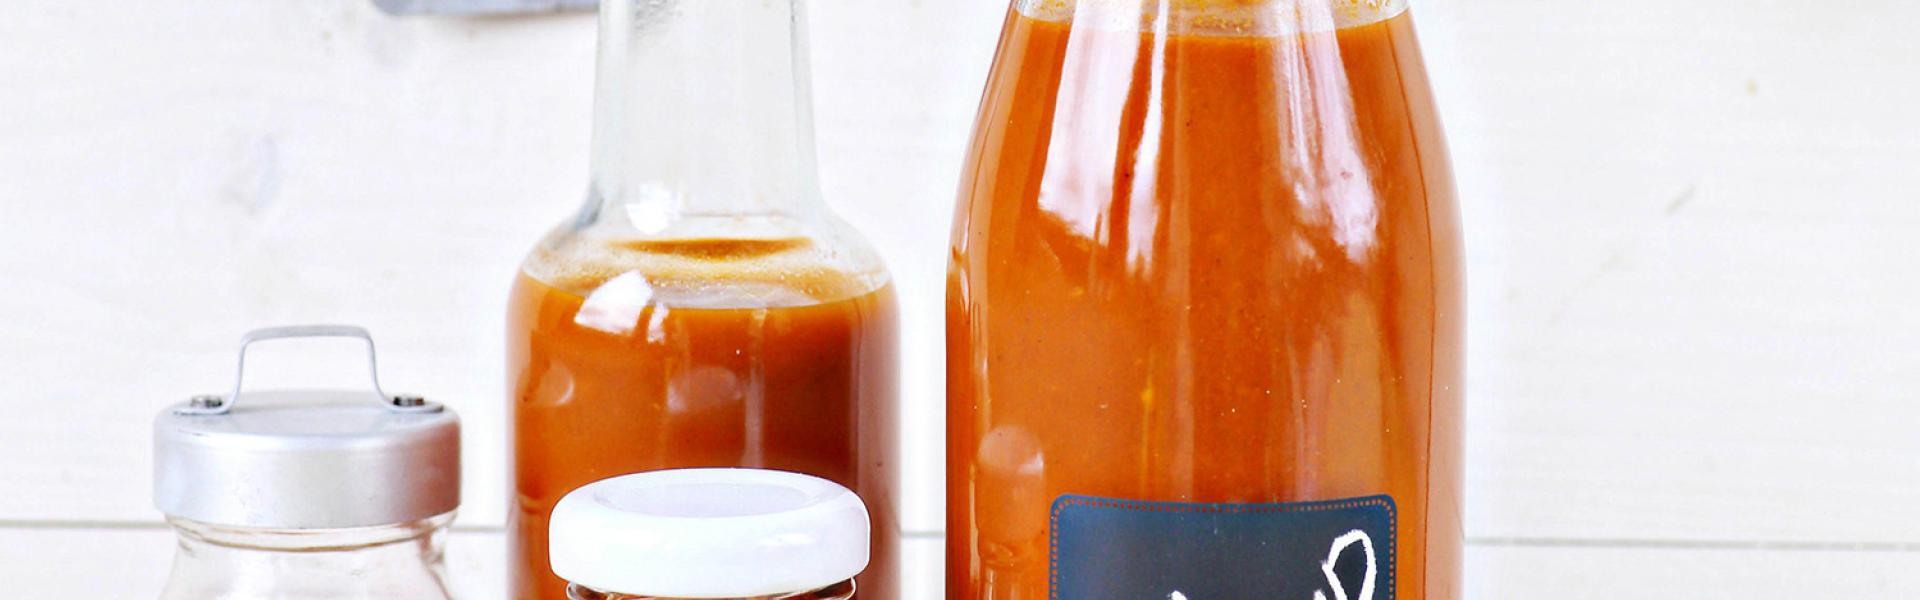 Tomatenketchup in mehreren Flaschen und Schraubgläsern.